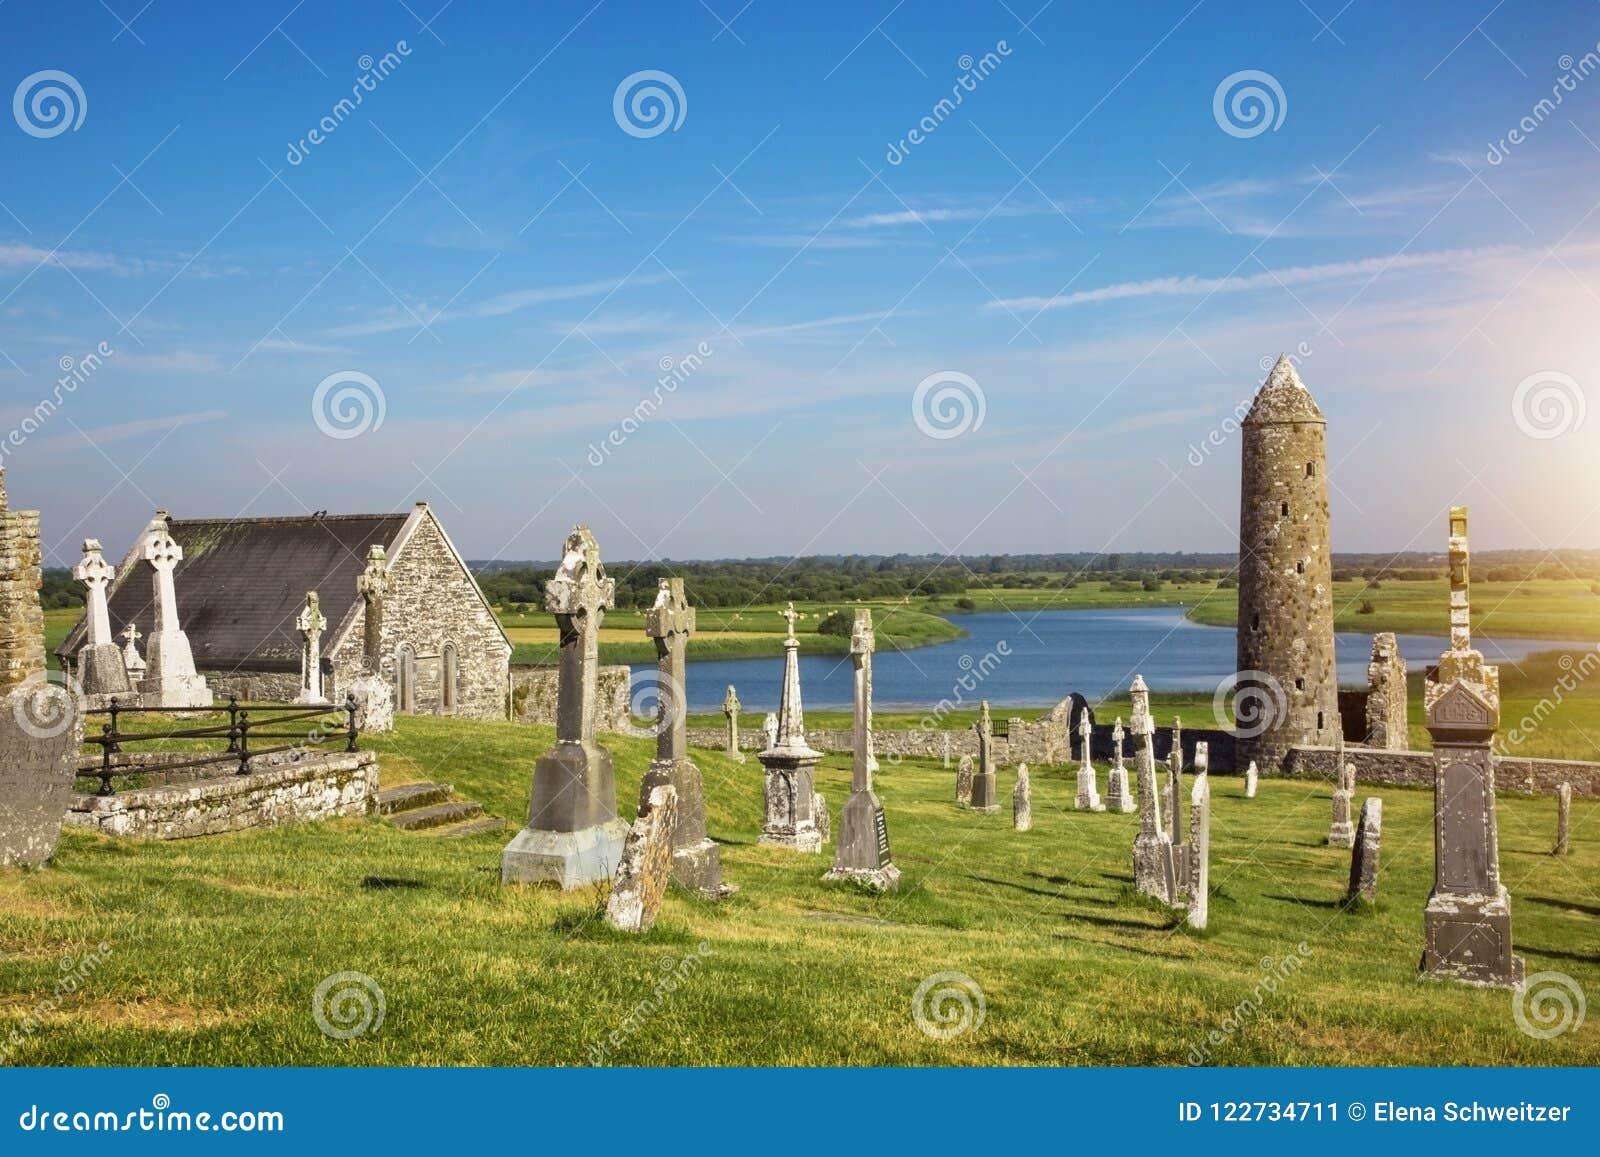 Catedral de Clonmacnoise con las cruces y los sepulcros típicos